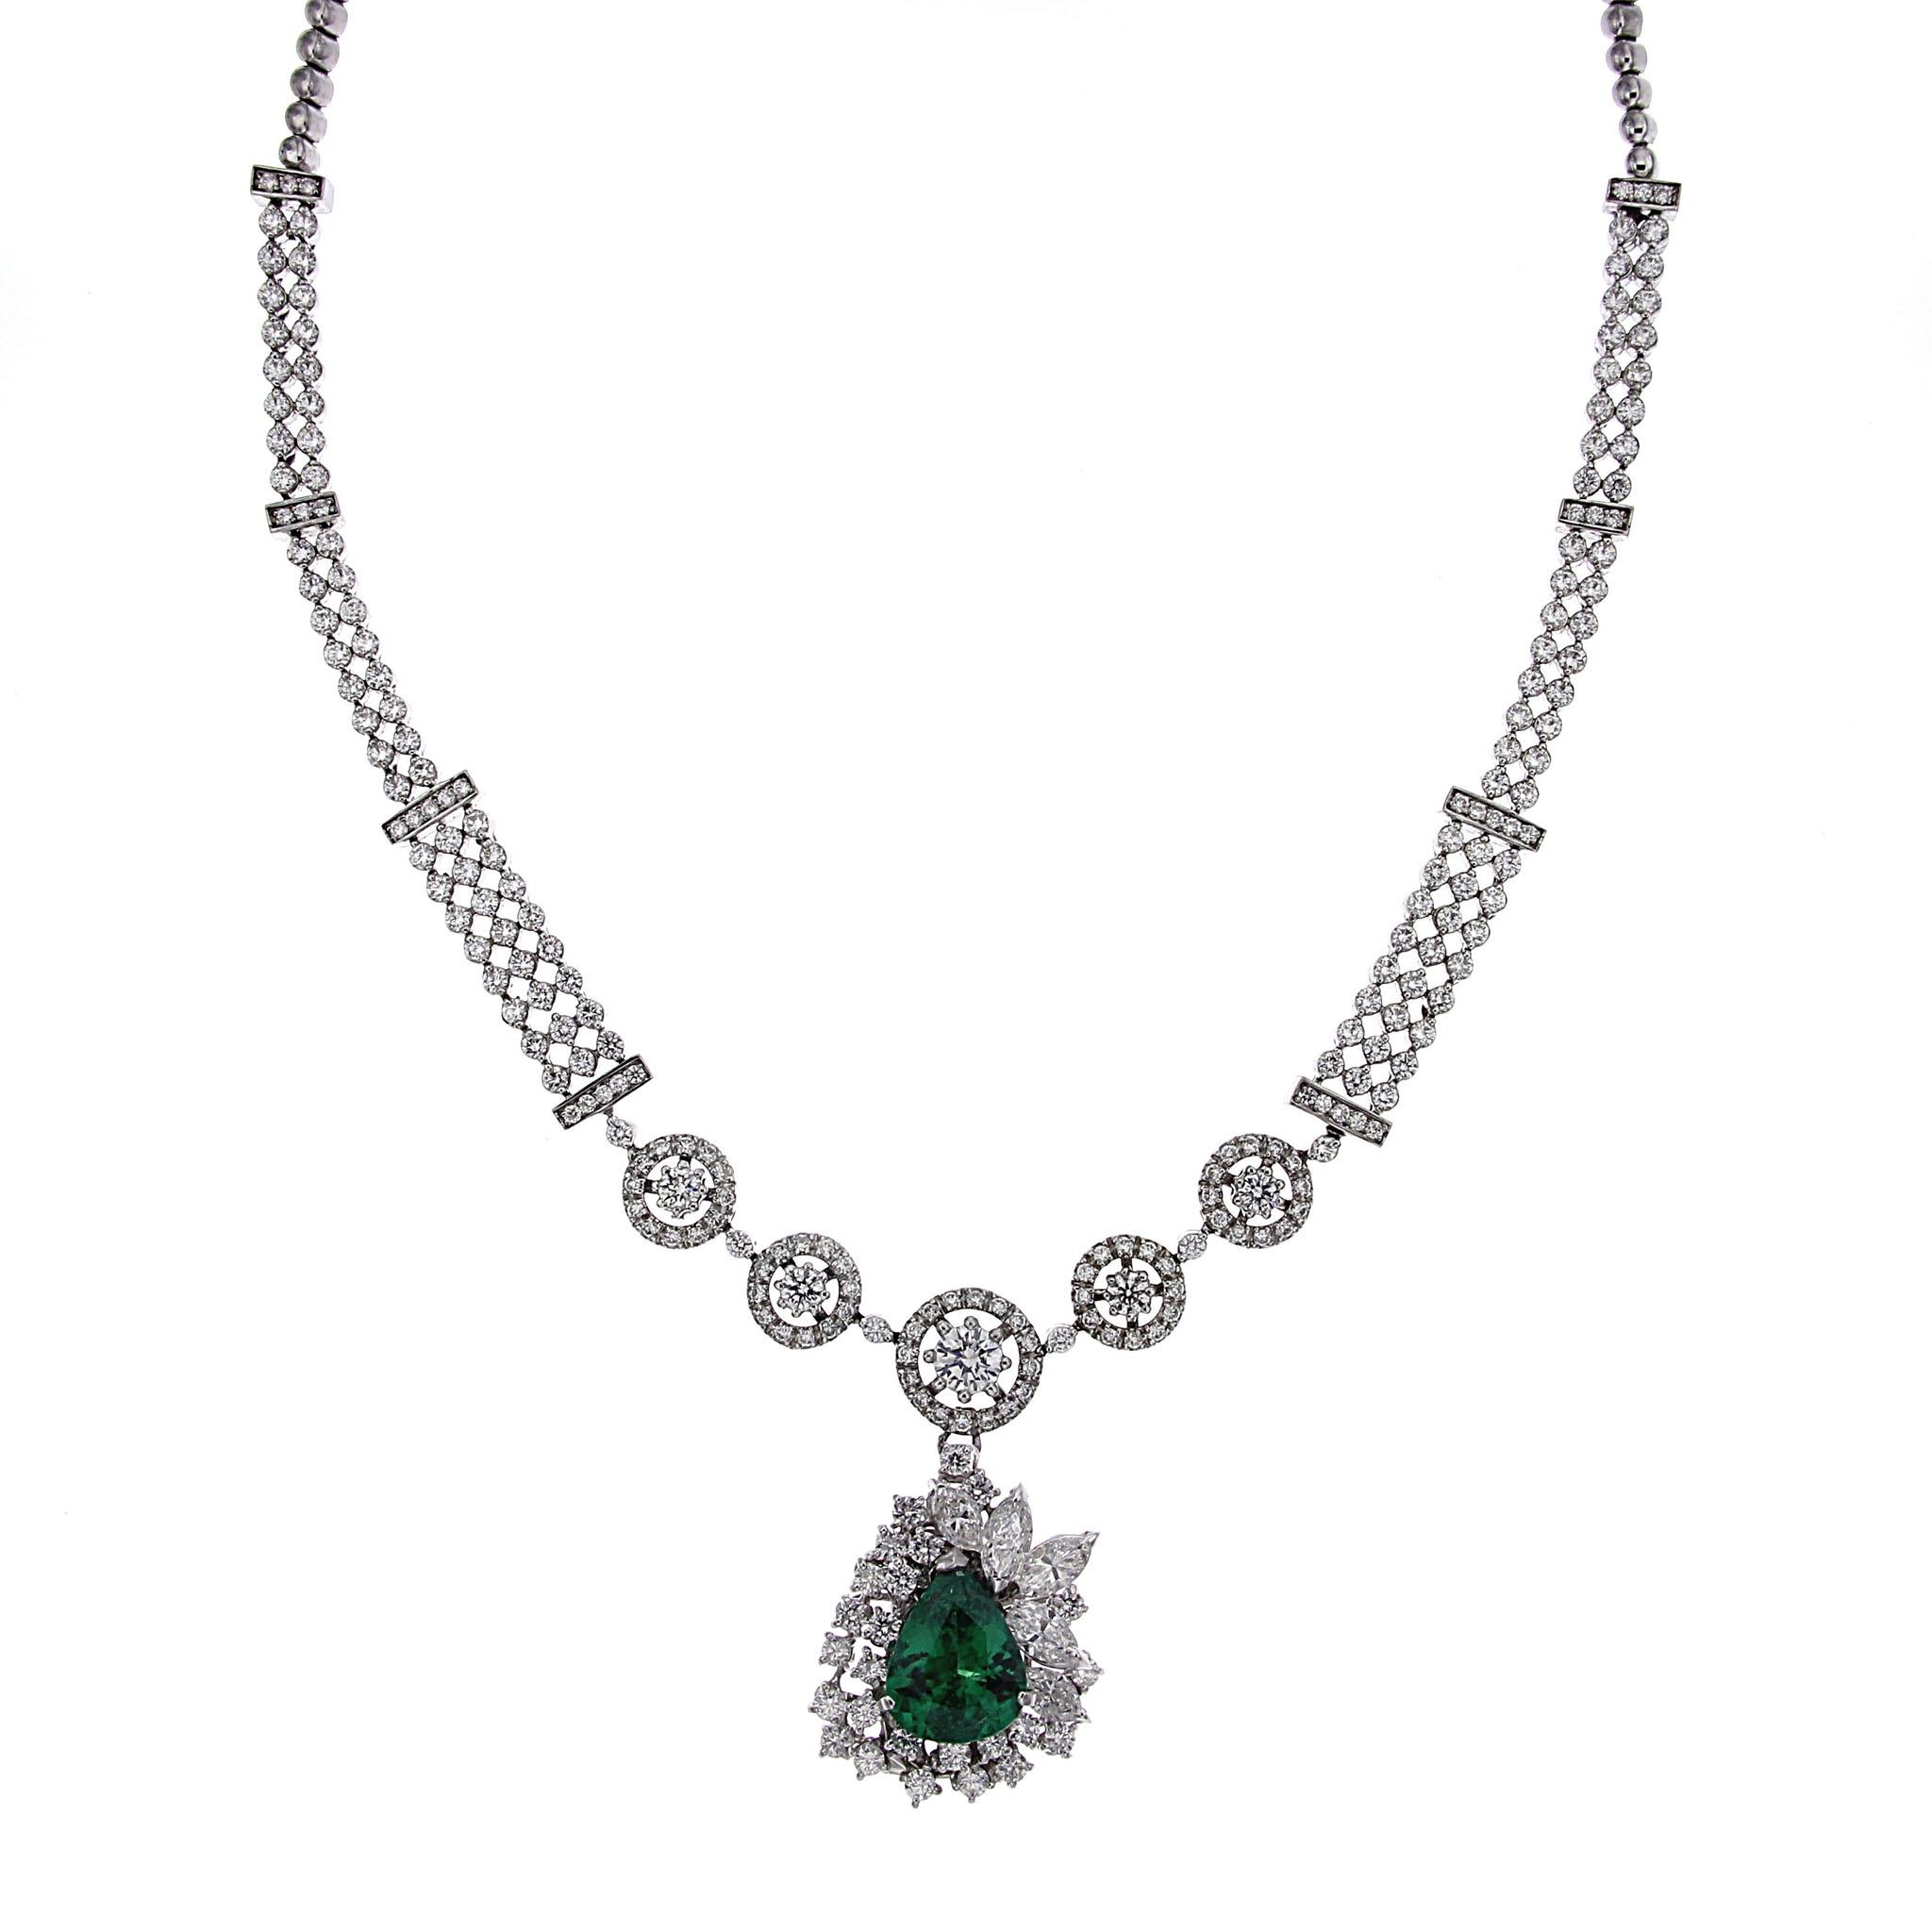 Collier di Diamanti con Goccia di Smeraldo